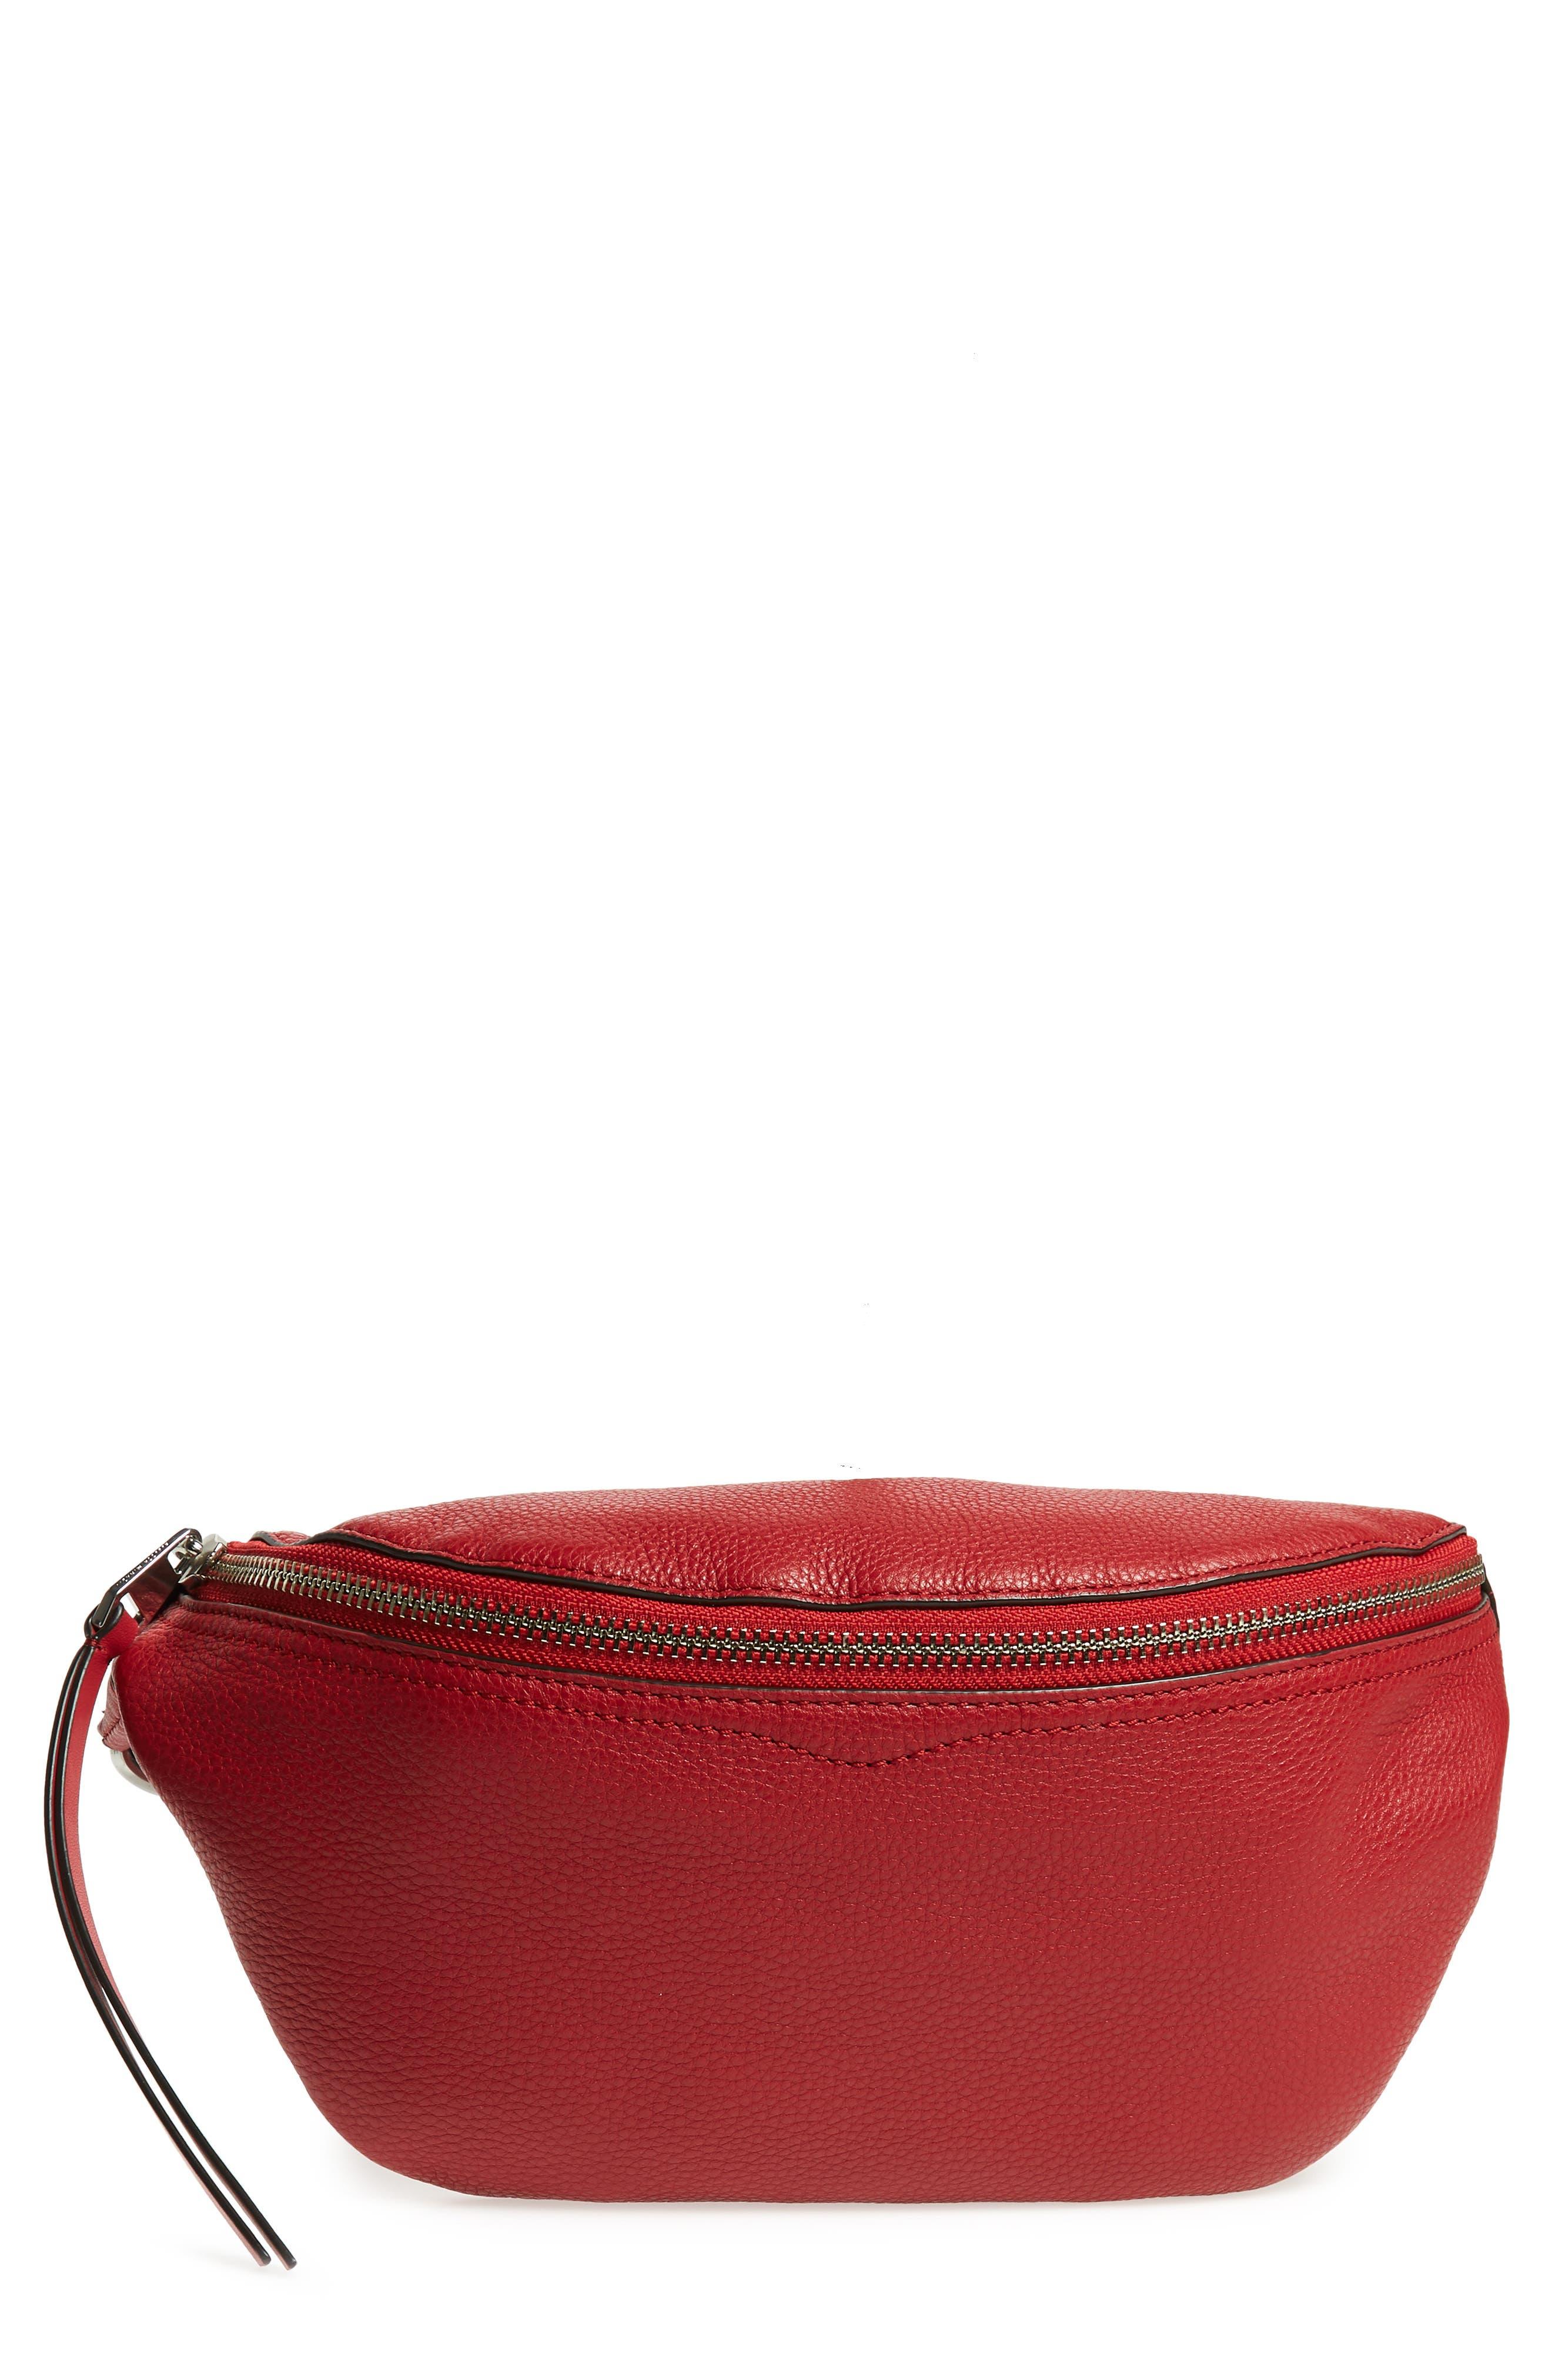 Bree Leather Belt Bag,                         Main,                         color, SCARLET